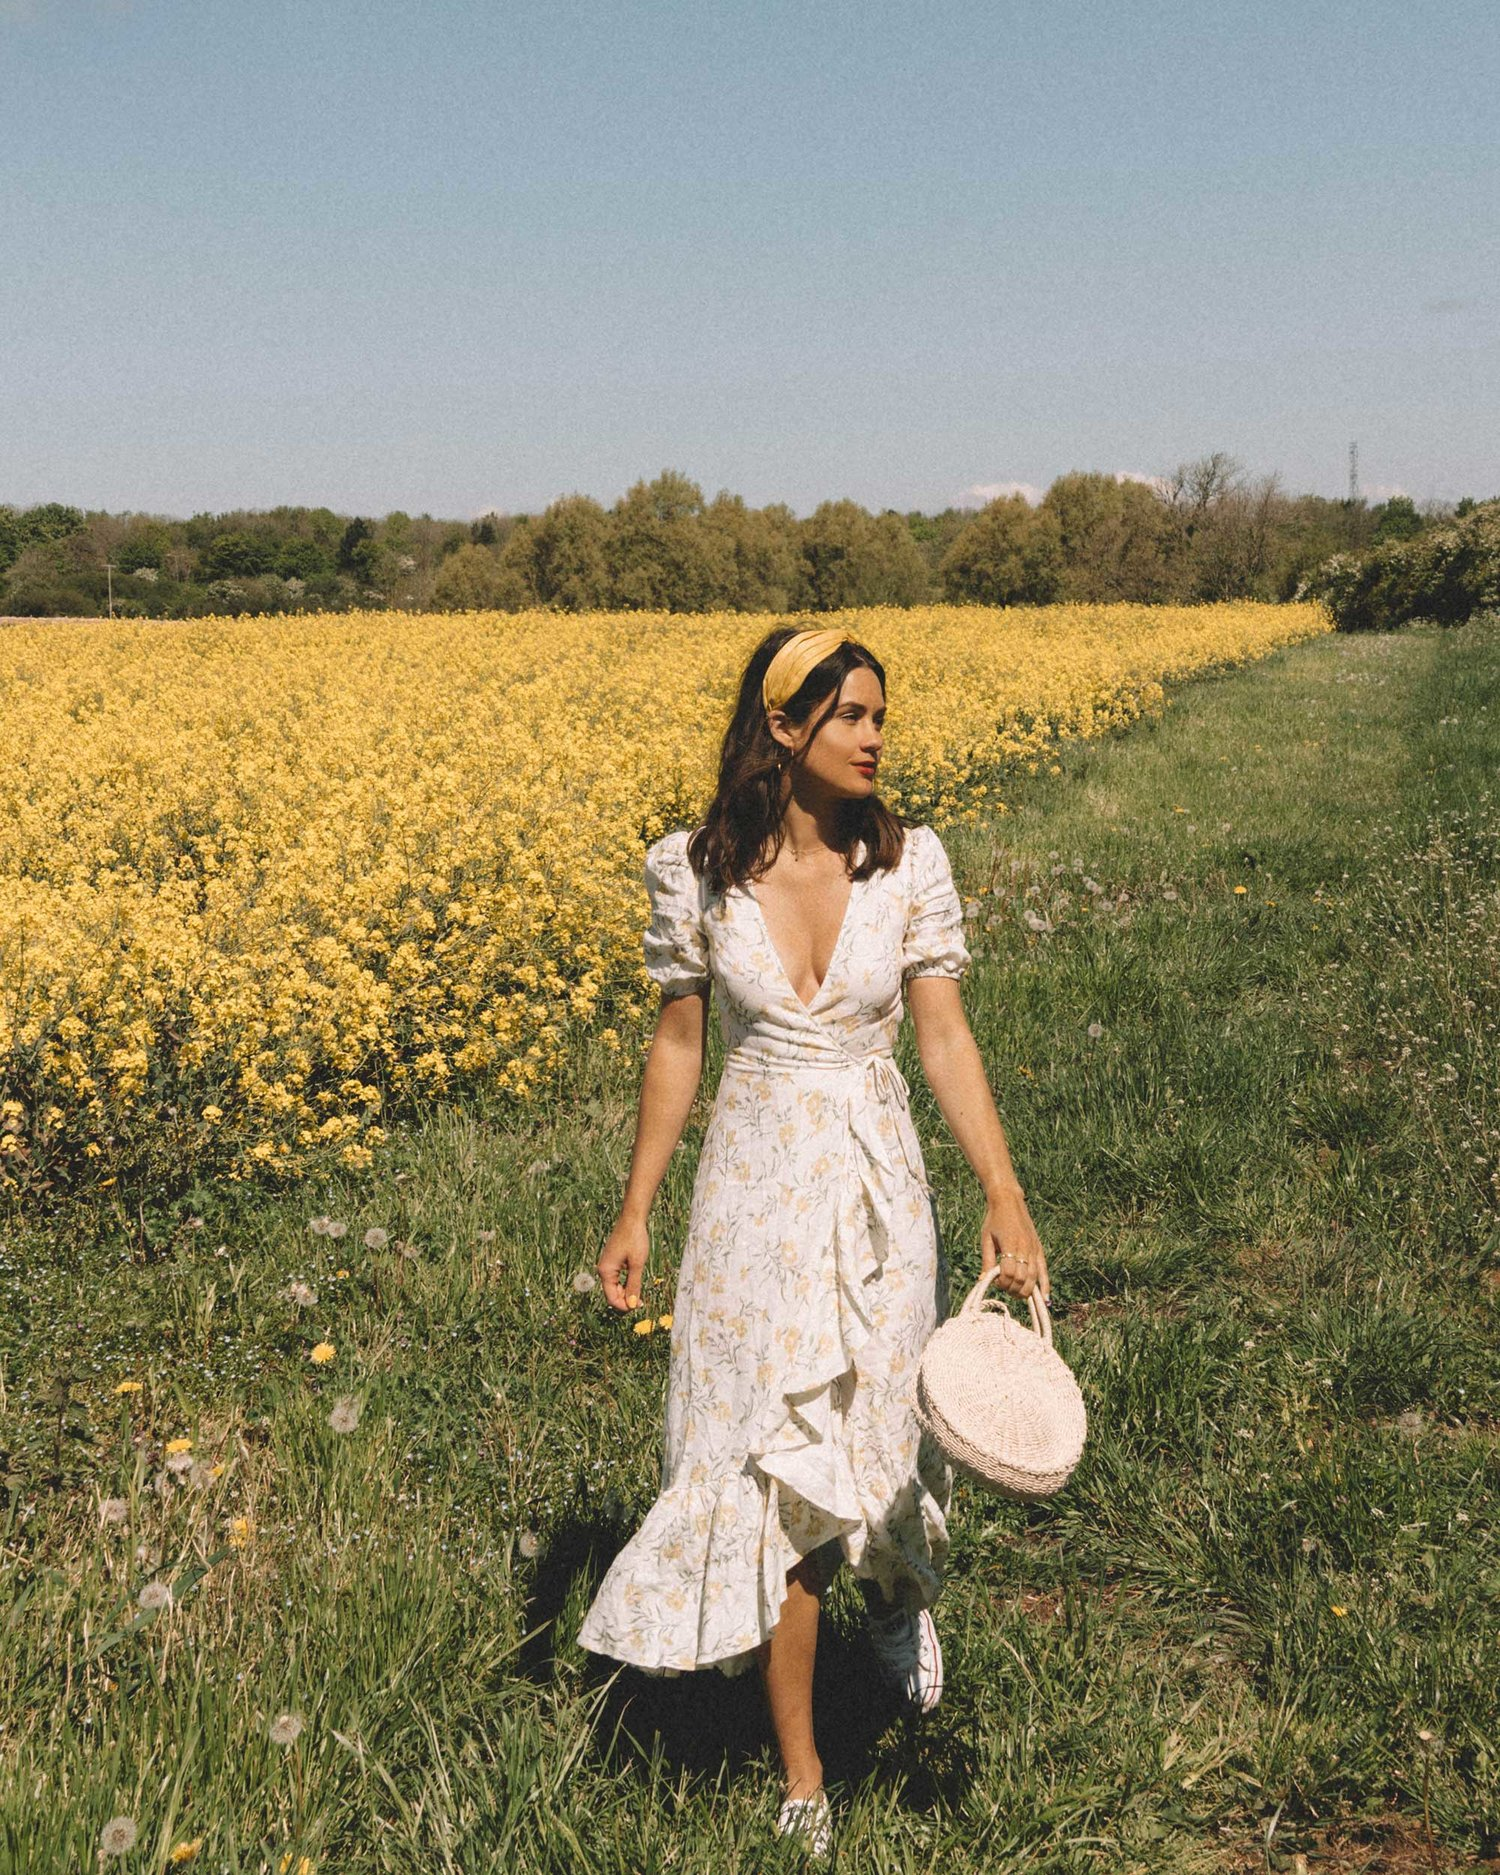 váy hoa nhí màu trắng nhún bèo cùng phụ kiện tóc băng đô bản to